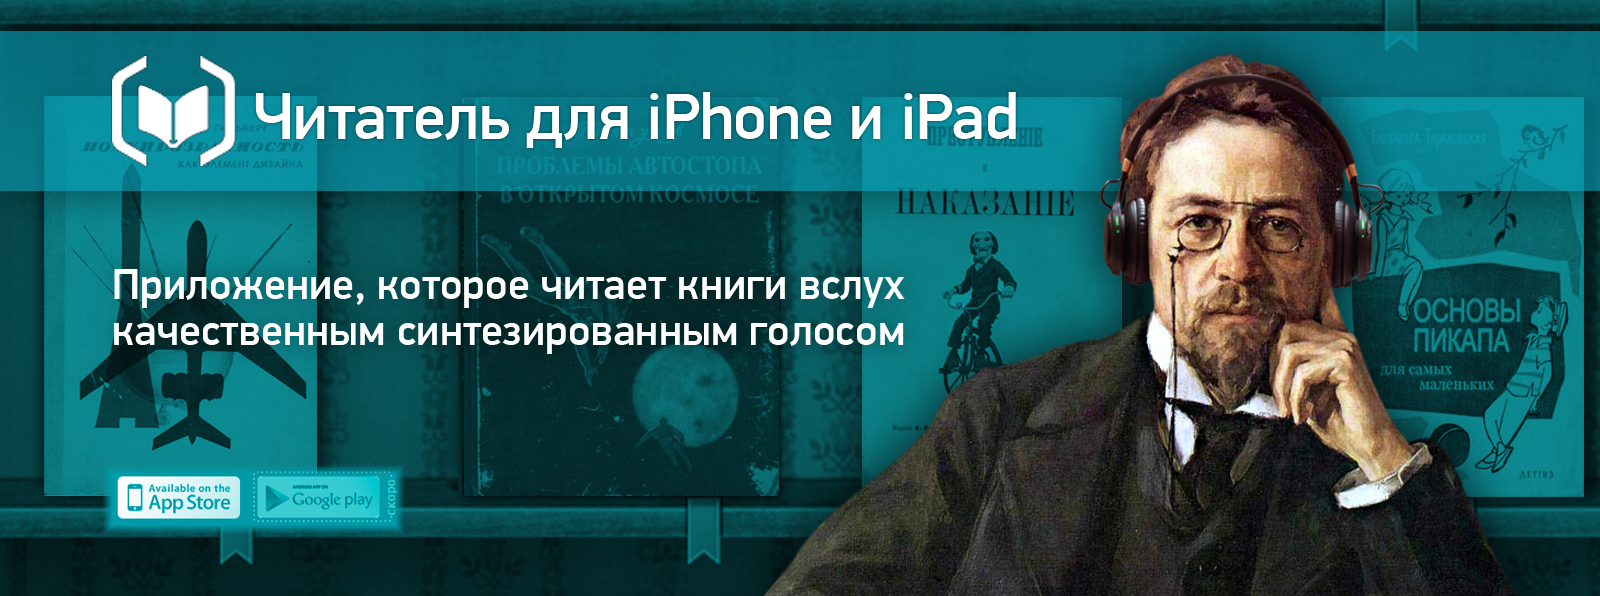 Вышла новая версия мобильного приложения «Читатель» для iOS